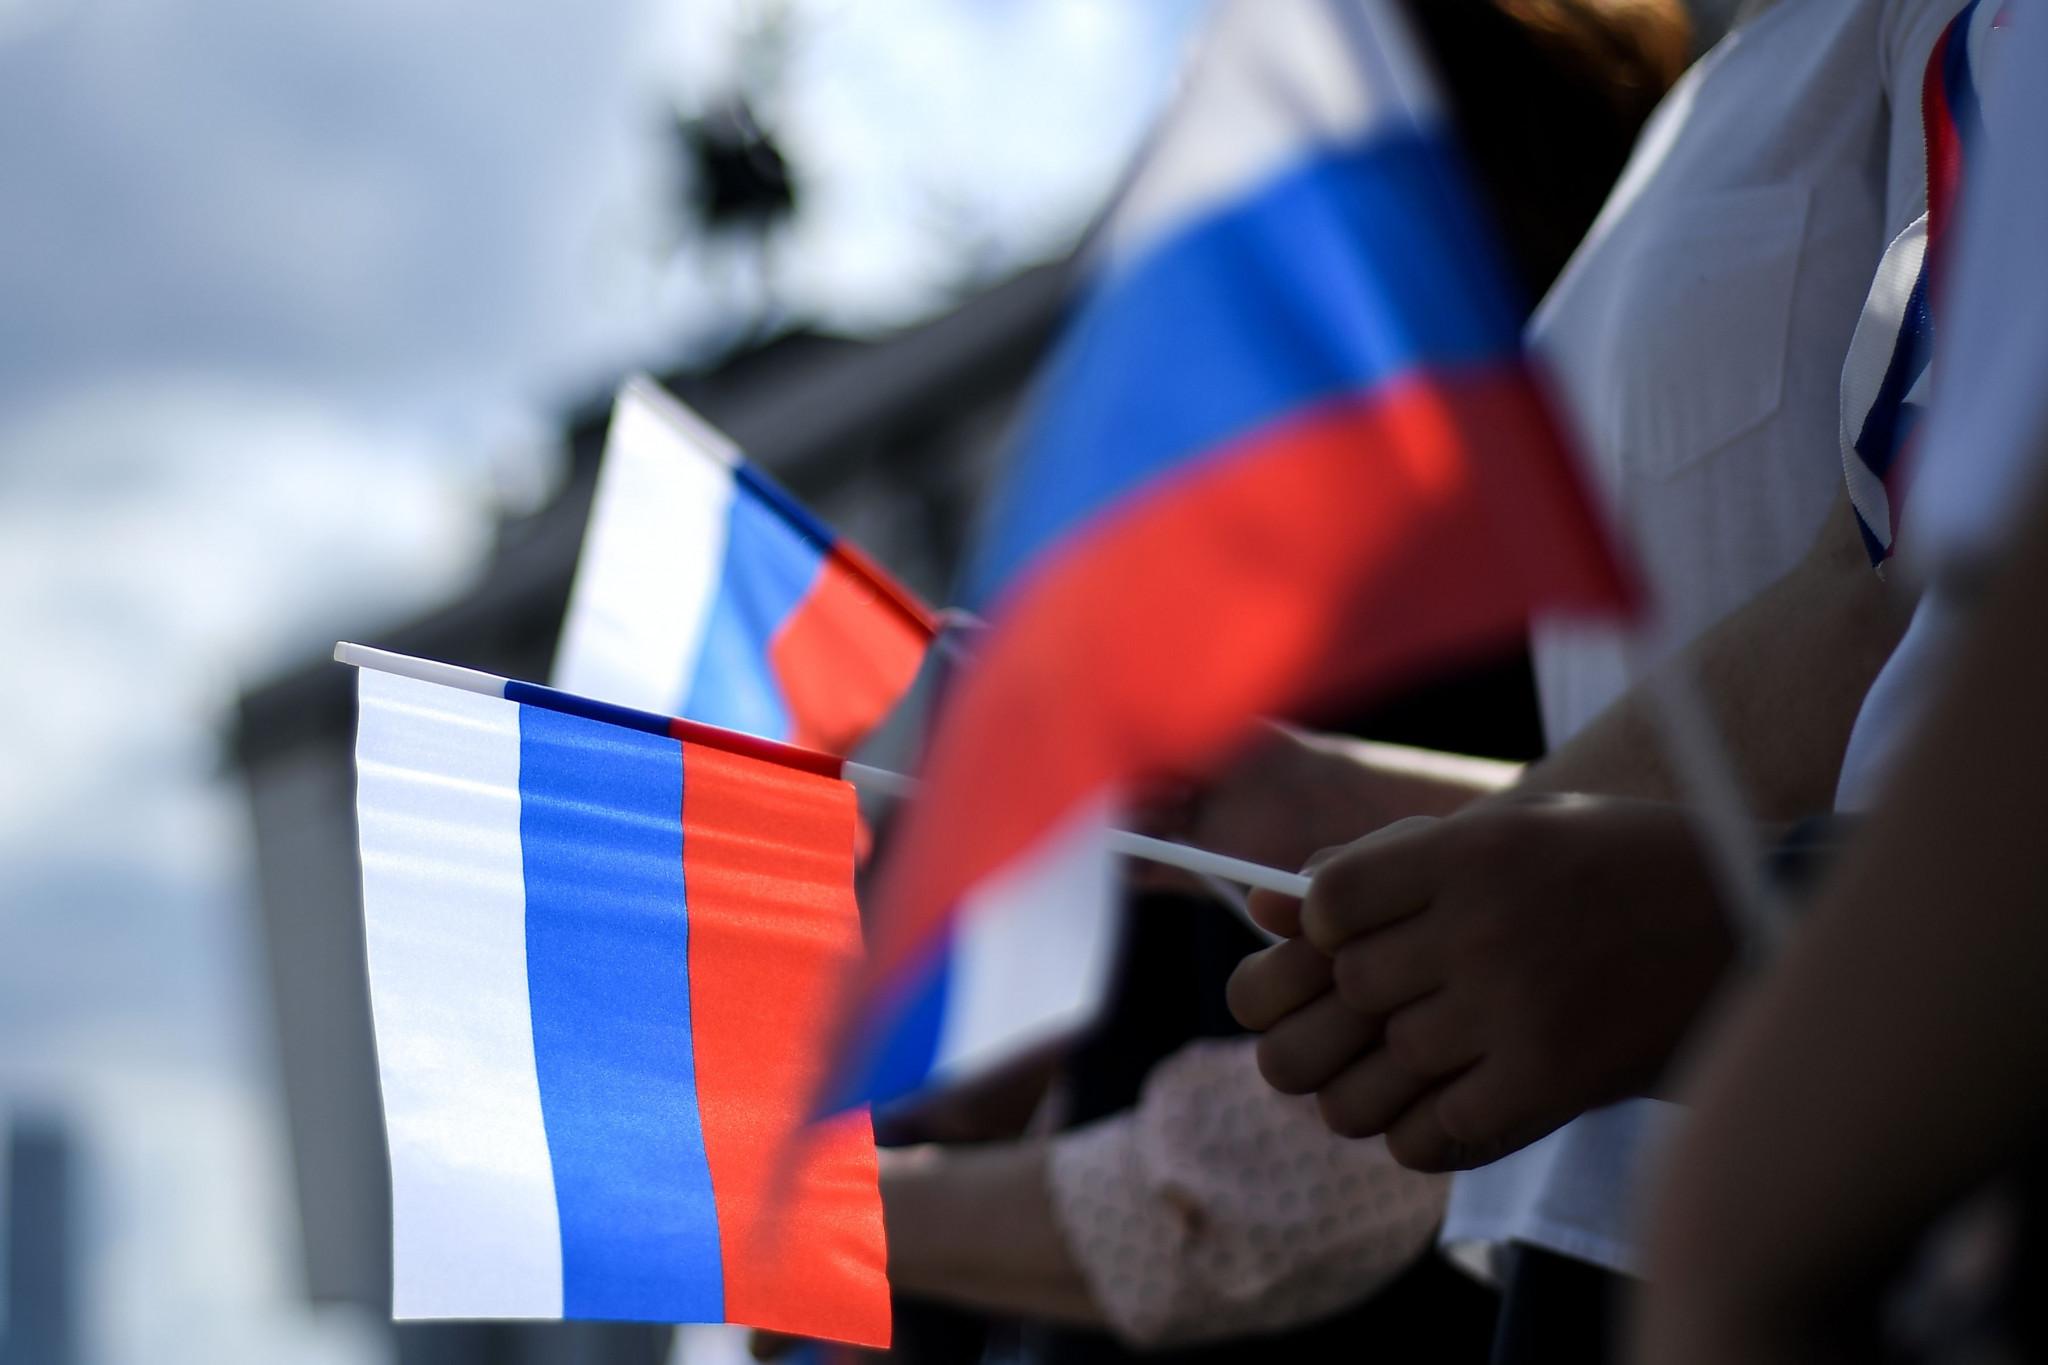 Завтра Россия будет хорошо представлена в финалах мужского и женского первенства © Getty Images